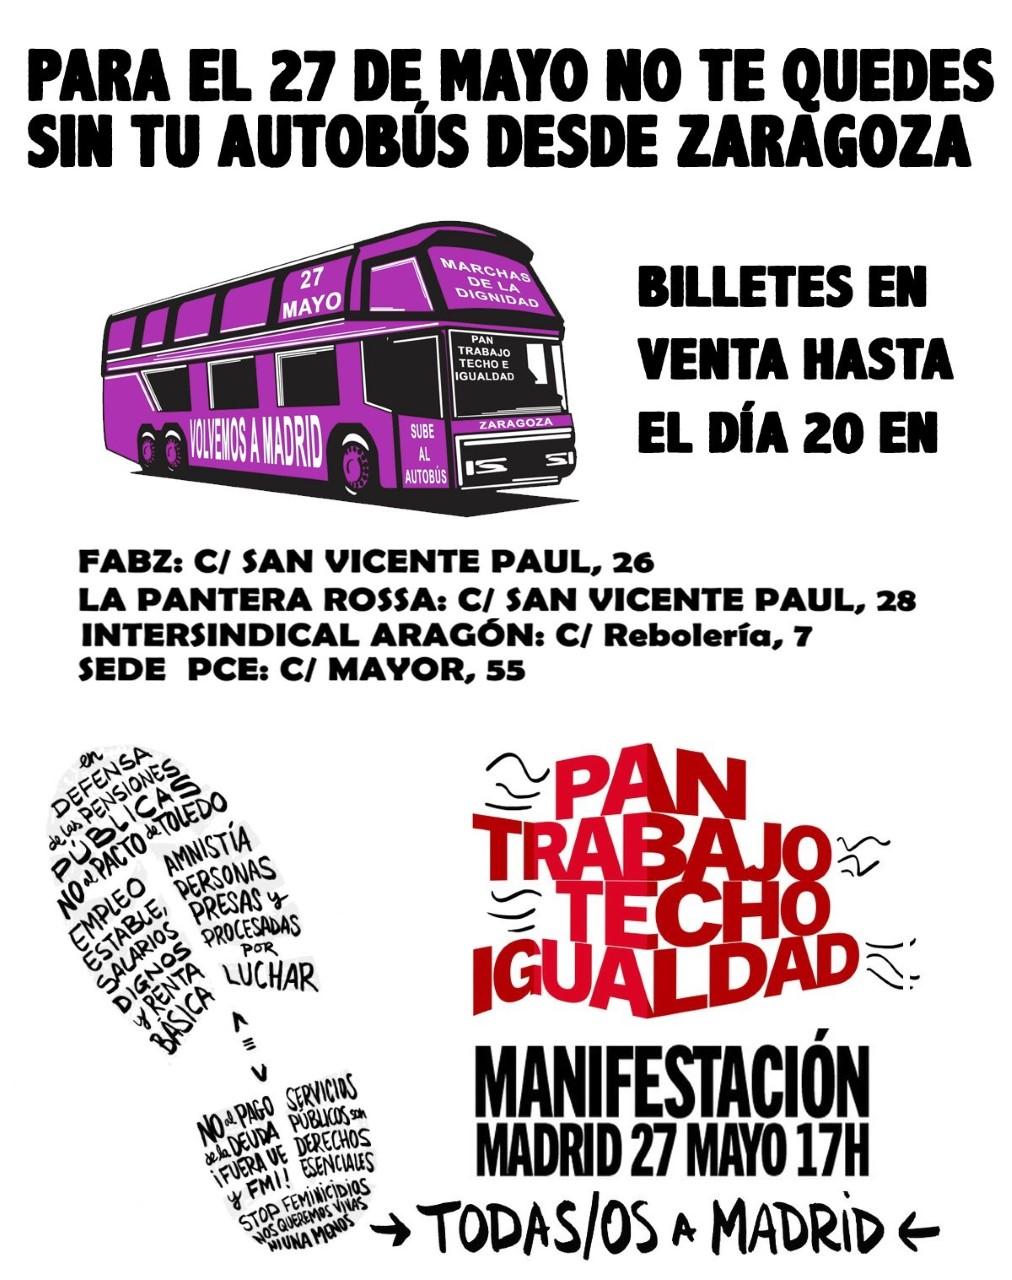 PARA EL 27 DE MAYO NO TE QUEDES SIN TU AUTOBUS DESDE ZARAGOZA, VOLVEMOS A MADRID